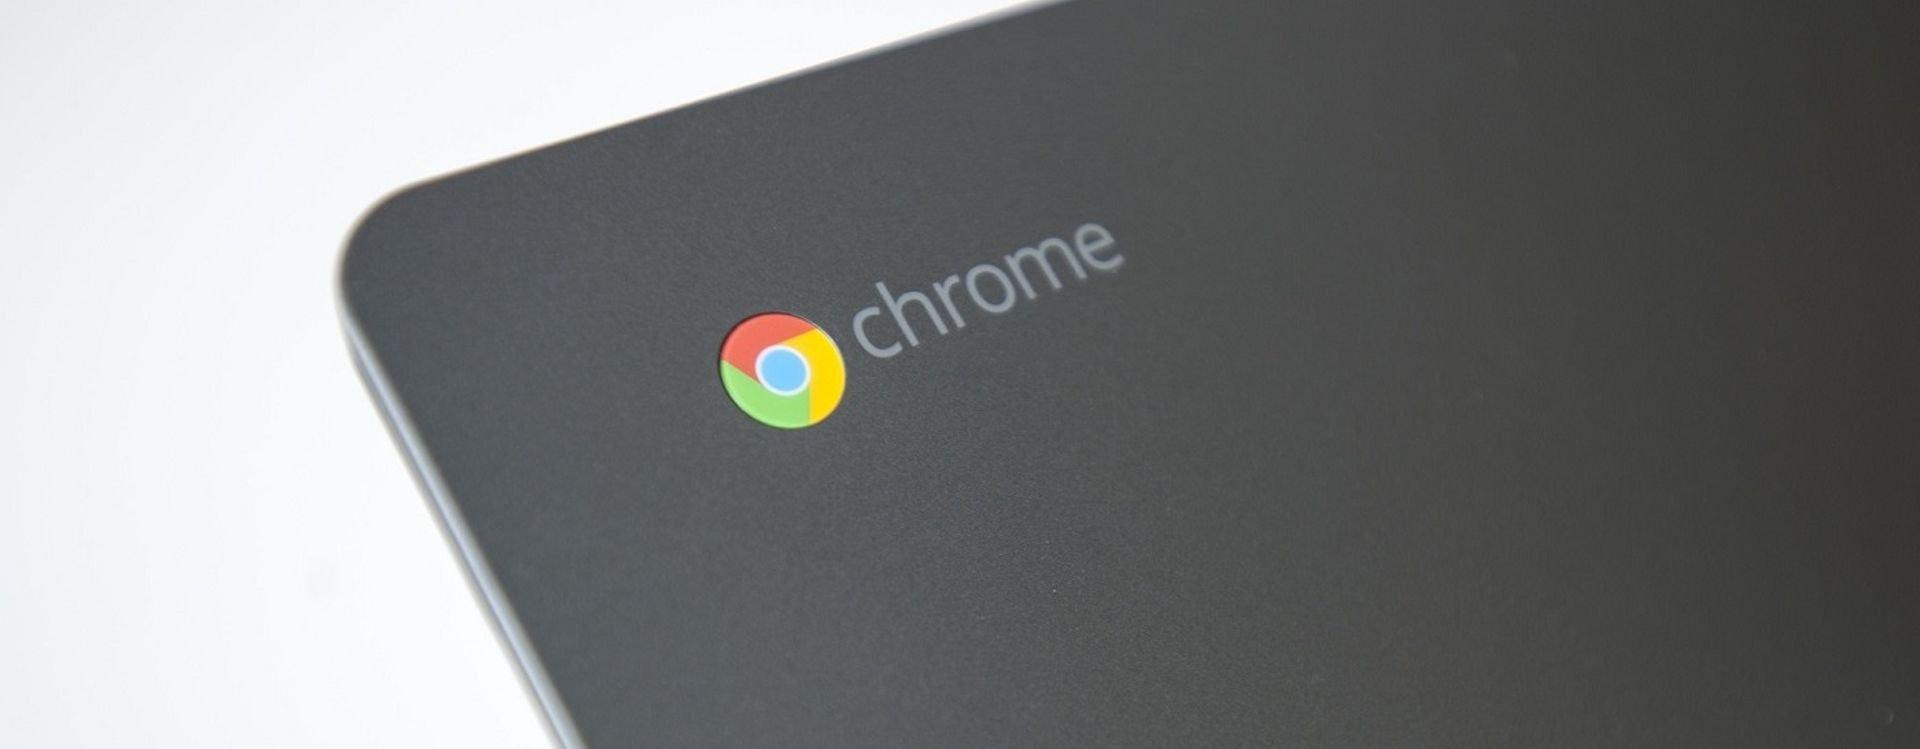 حواسيب Chromebook ليست حواسيباً محددة بشركة واحدة أو فئة واحدة فقط، ولو أنها عموماً ضمن الفئة الأدنى من الحواسيب.